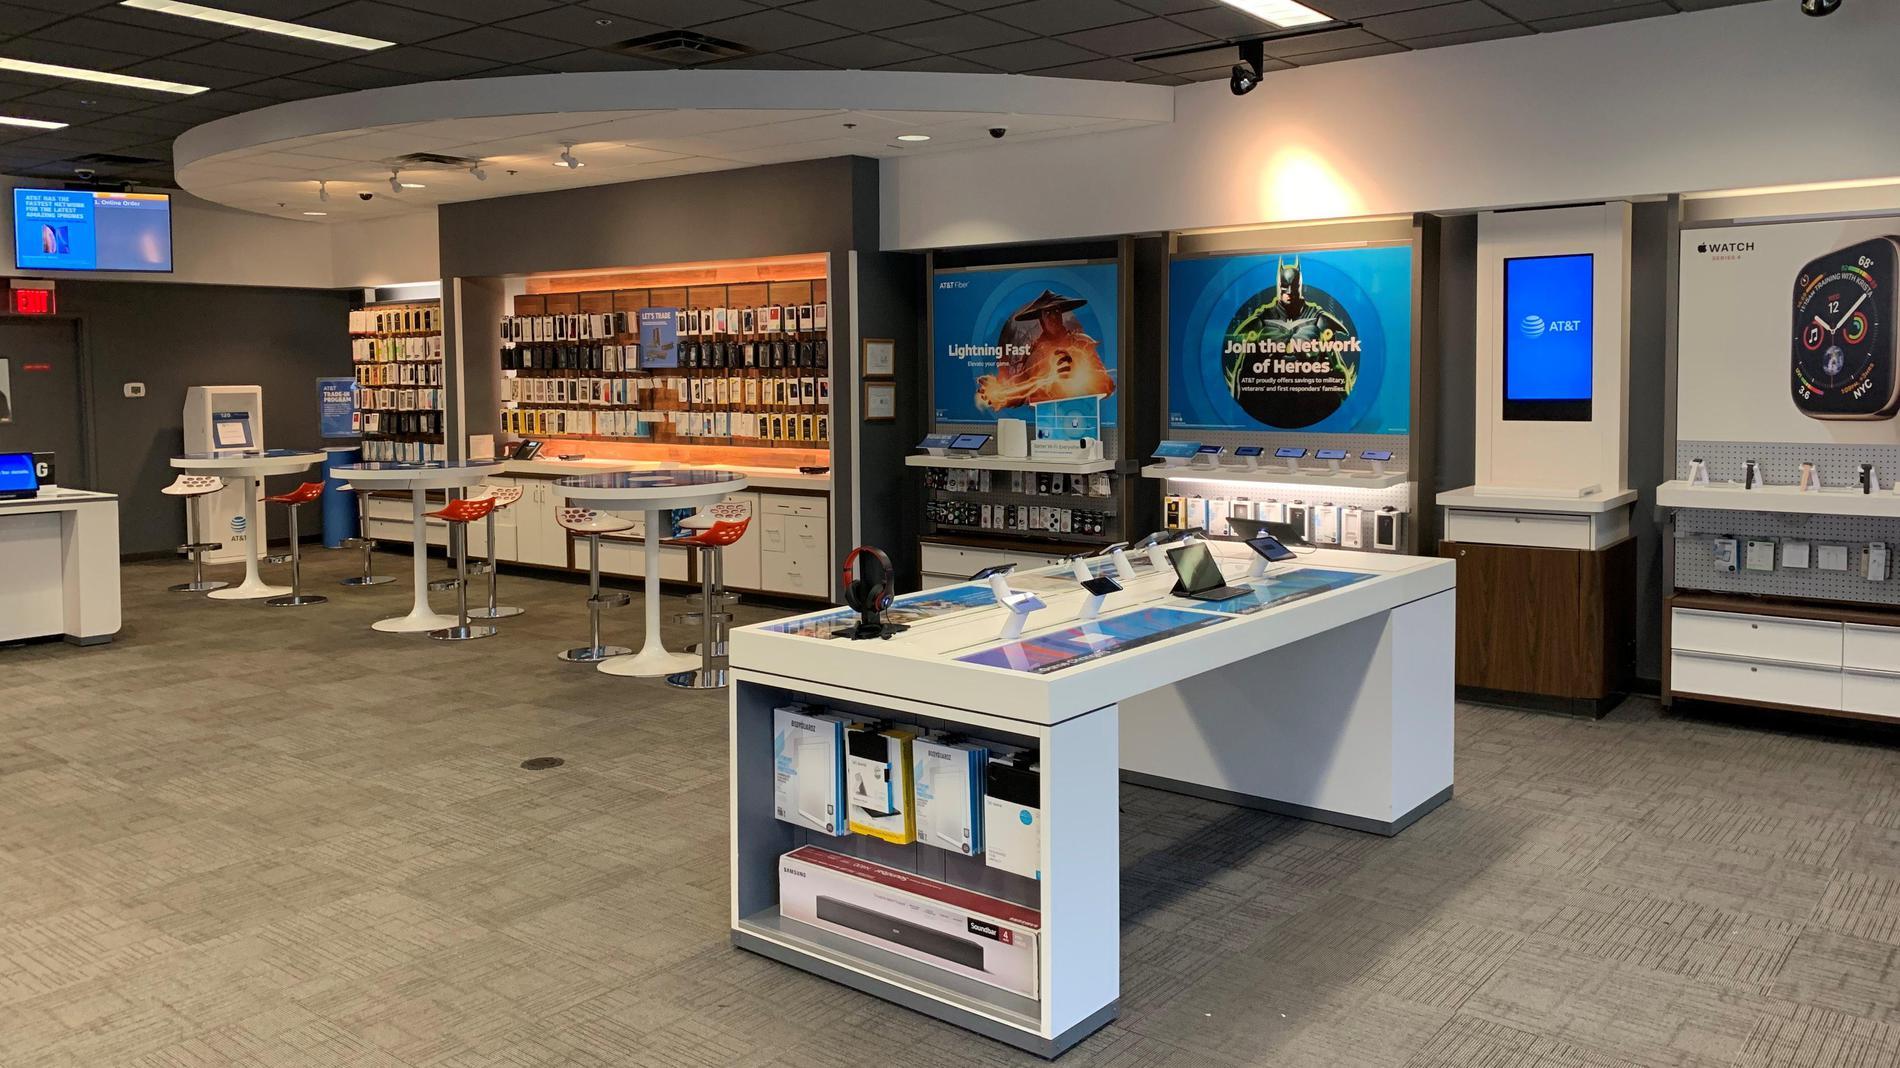 Att Store Cool Springs Franklin Tn